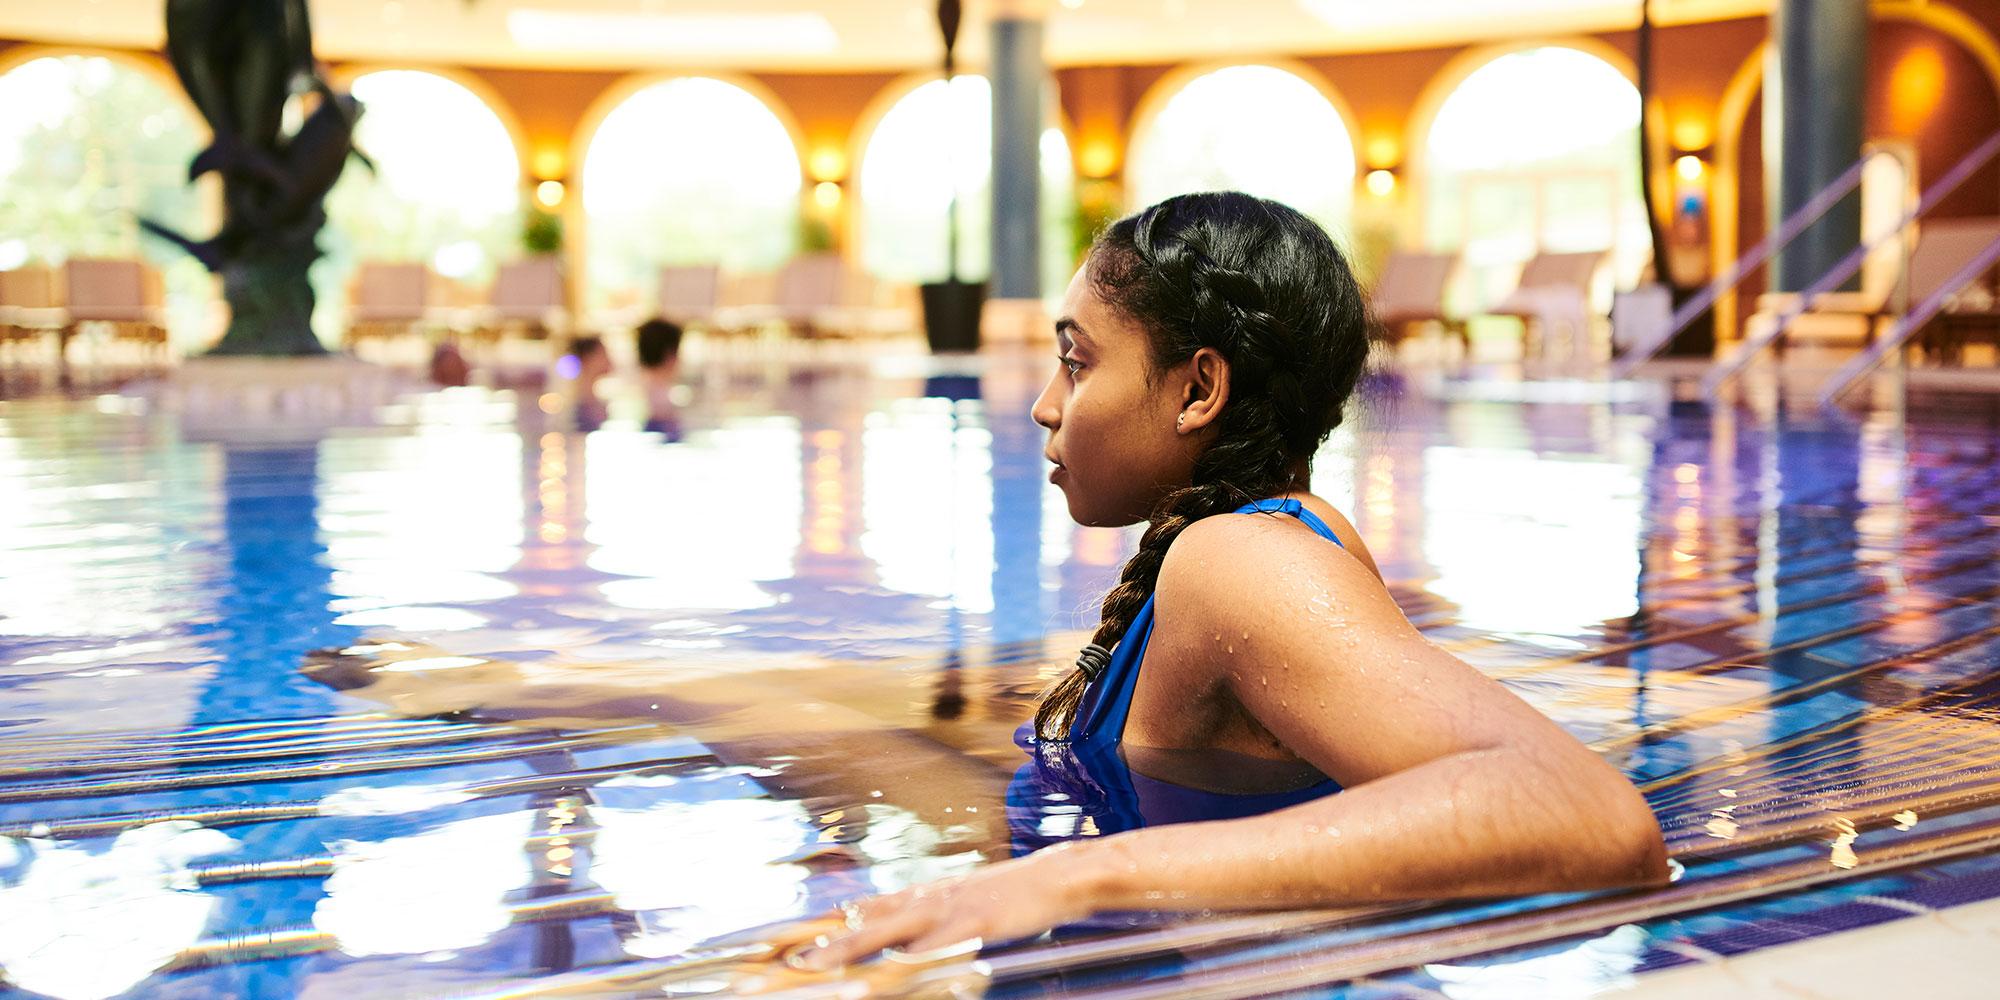 Balneotherapy Pool - Lukesha